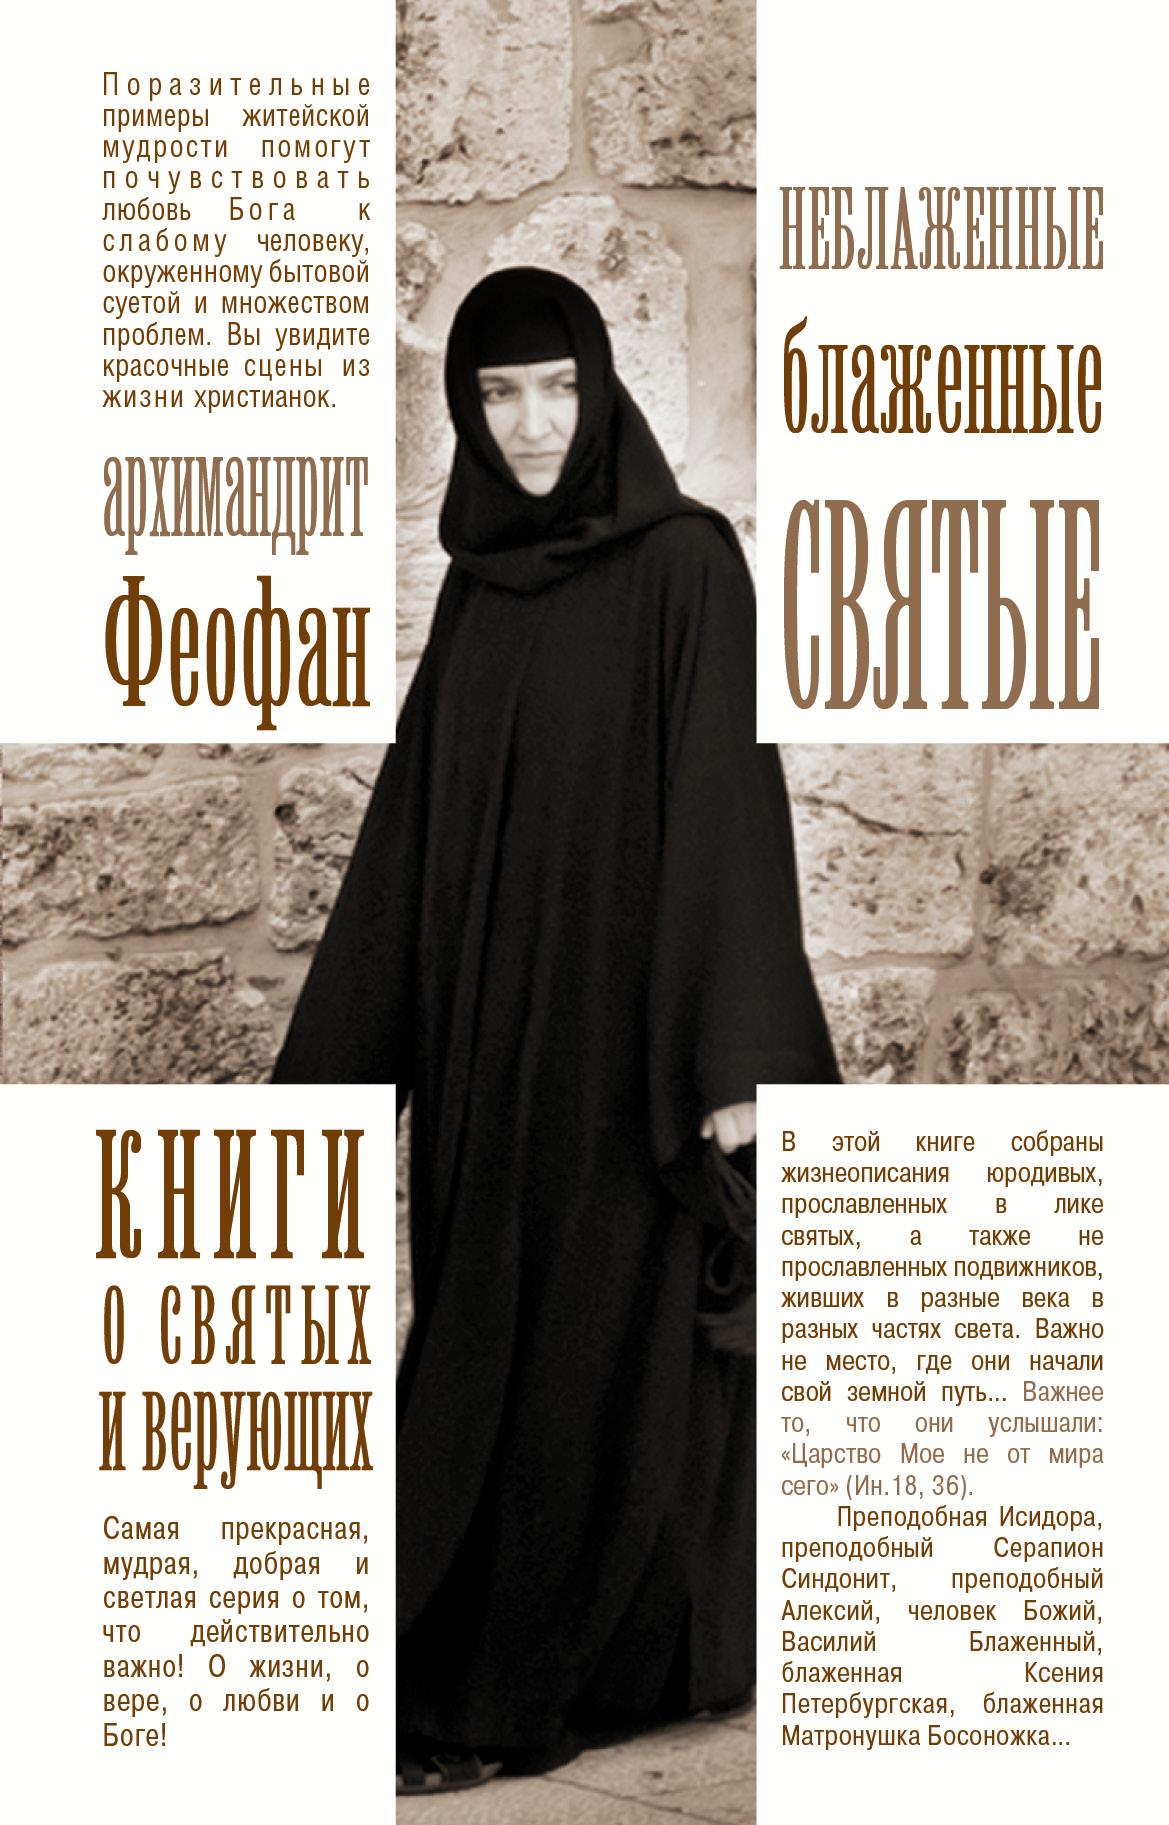 Архимандрит Феофан Неблаженные блаженные святые